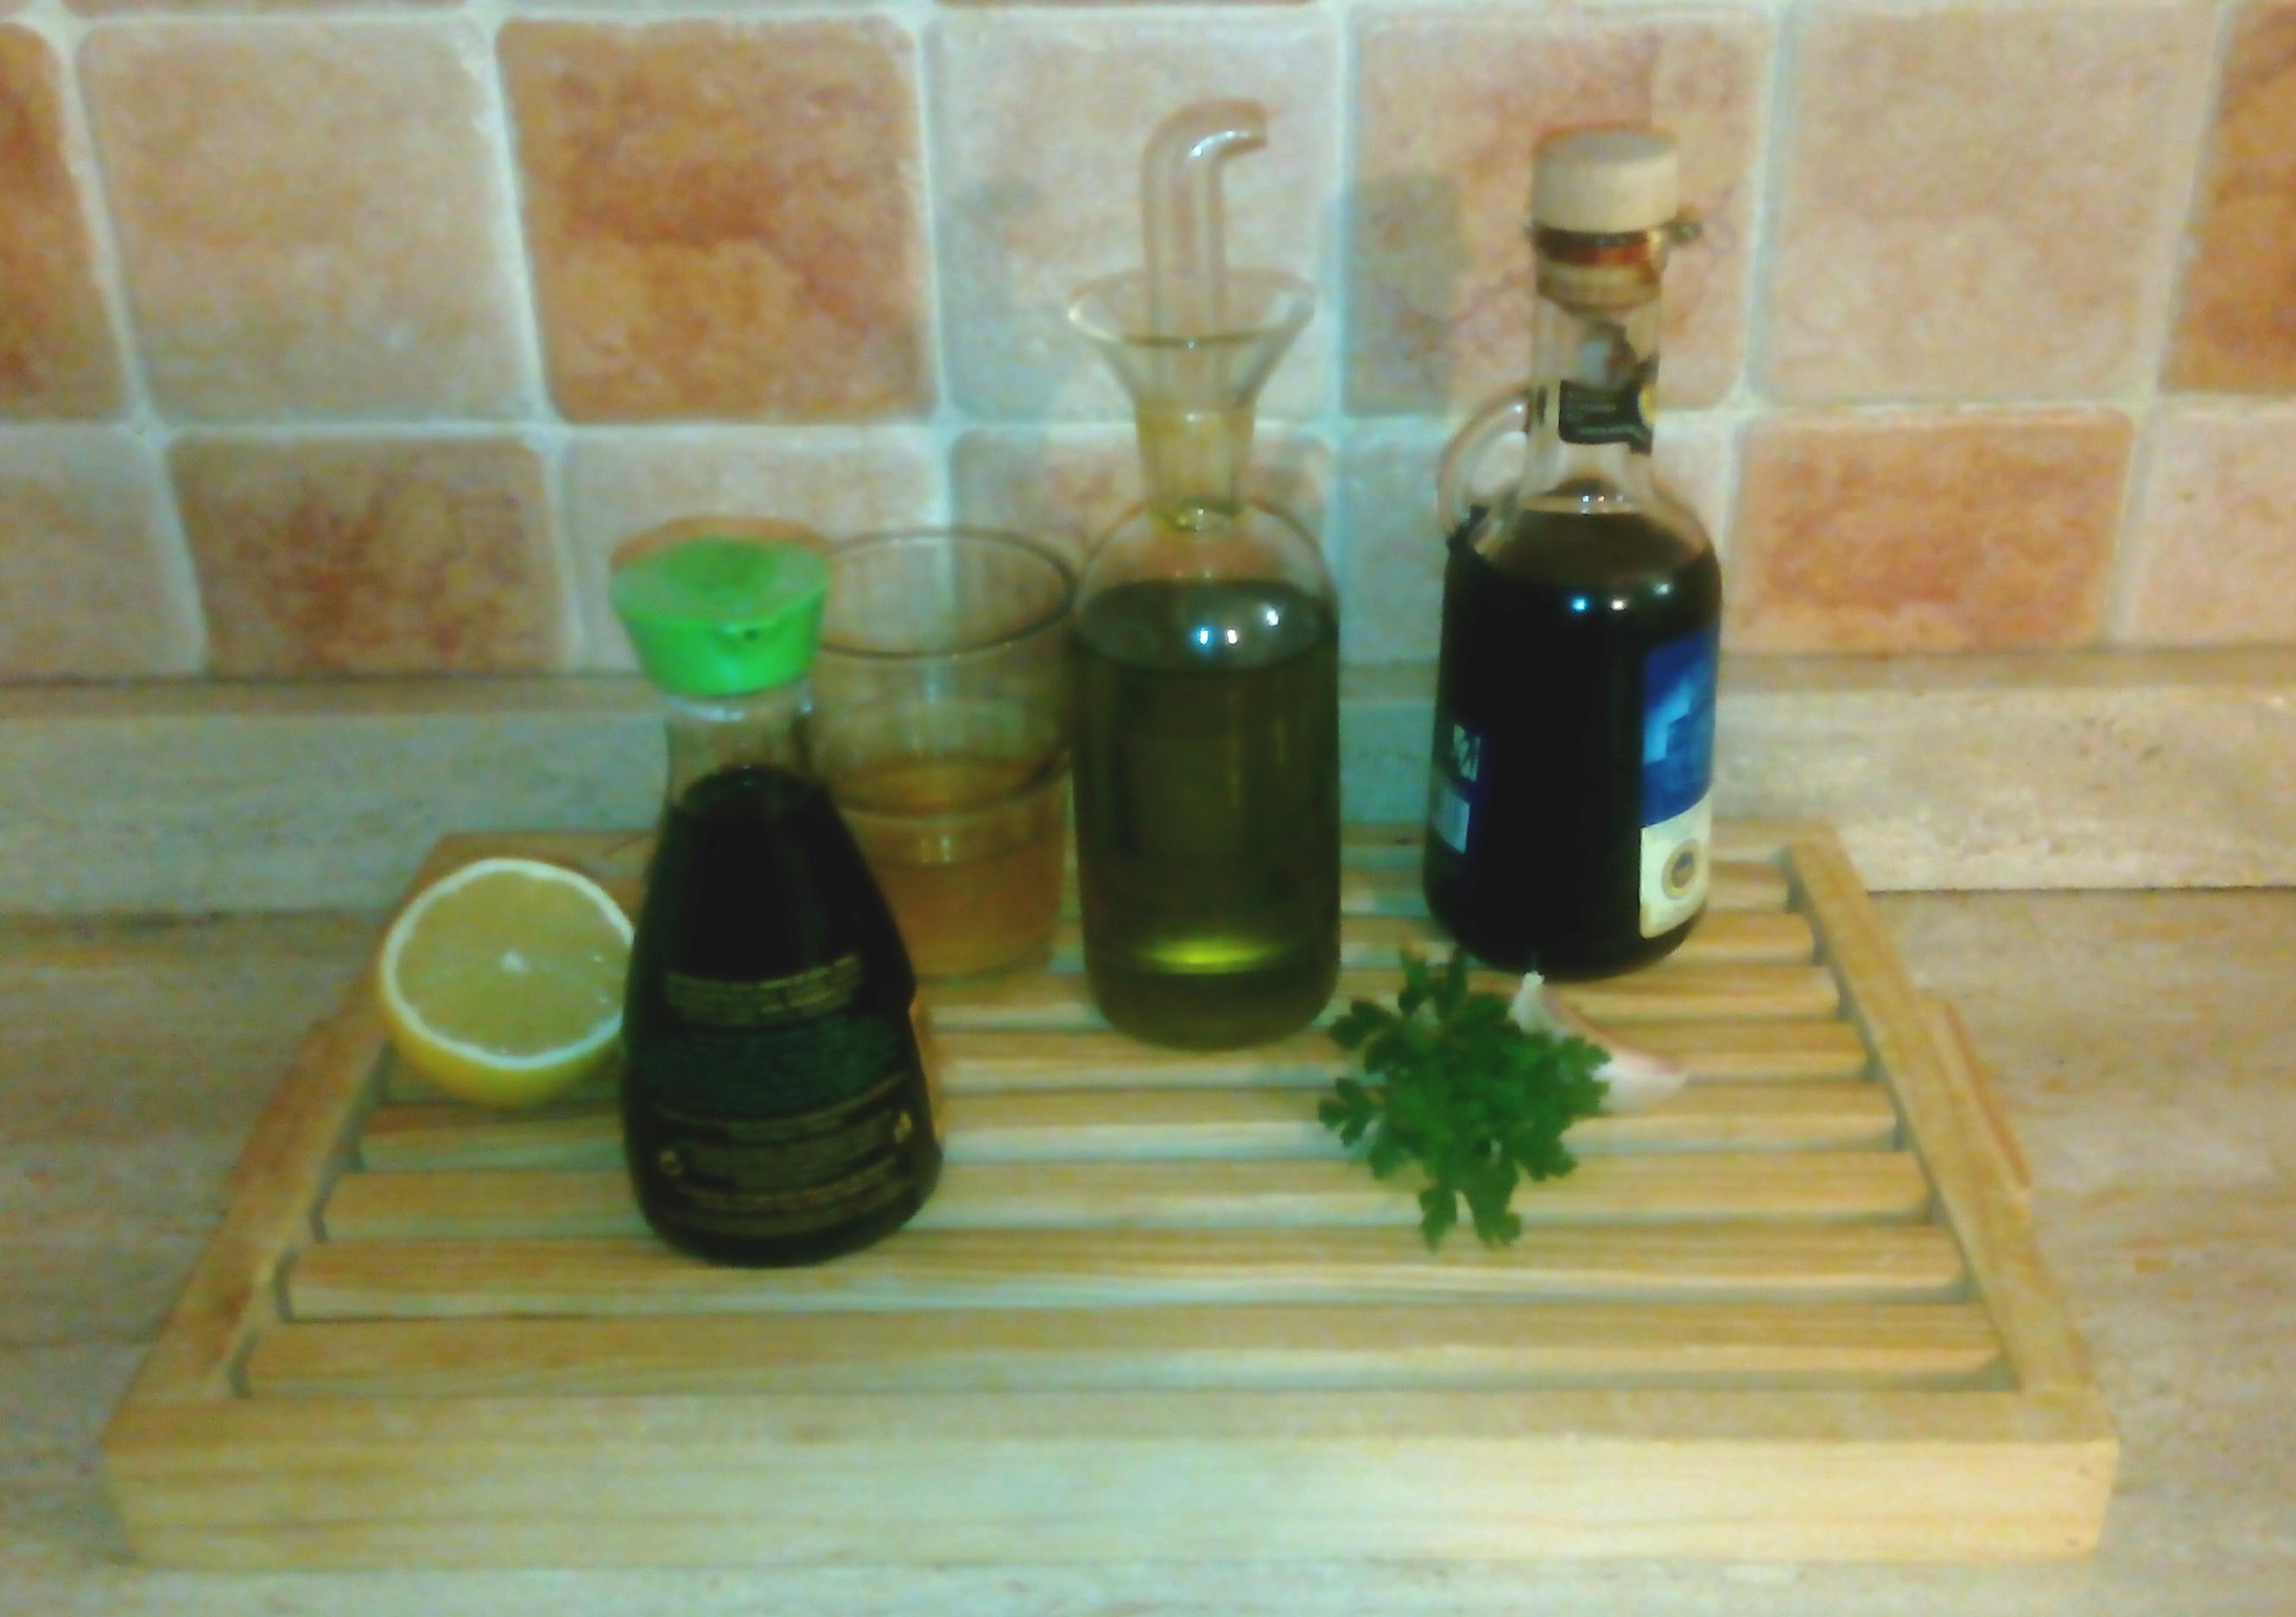 Salmone al forno con aromi garofanocannella in cucina - Aromi in cucina ...